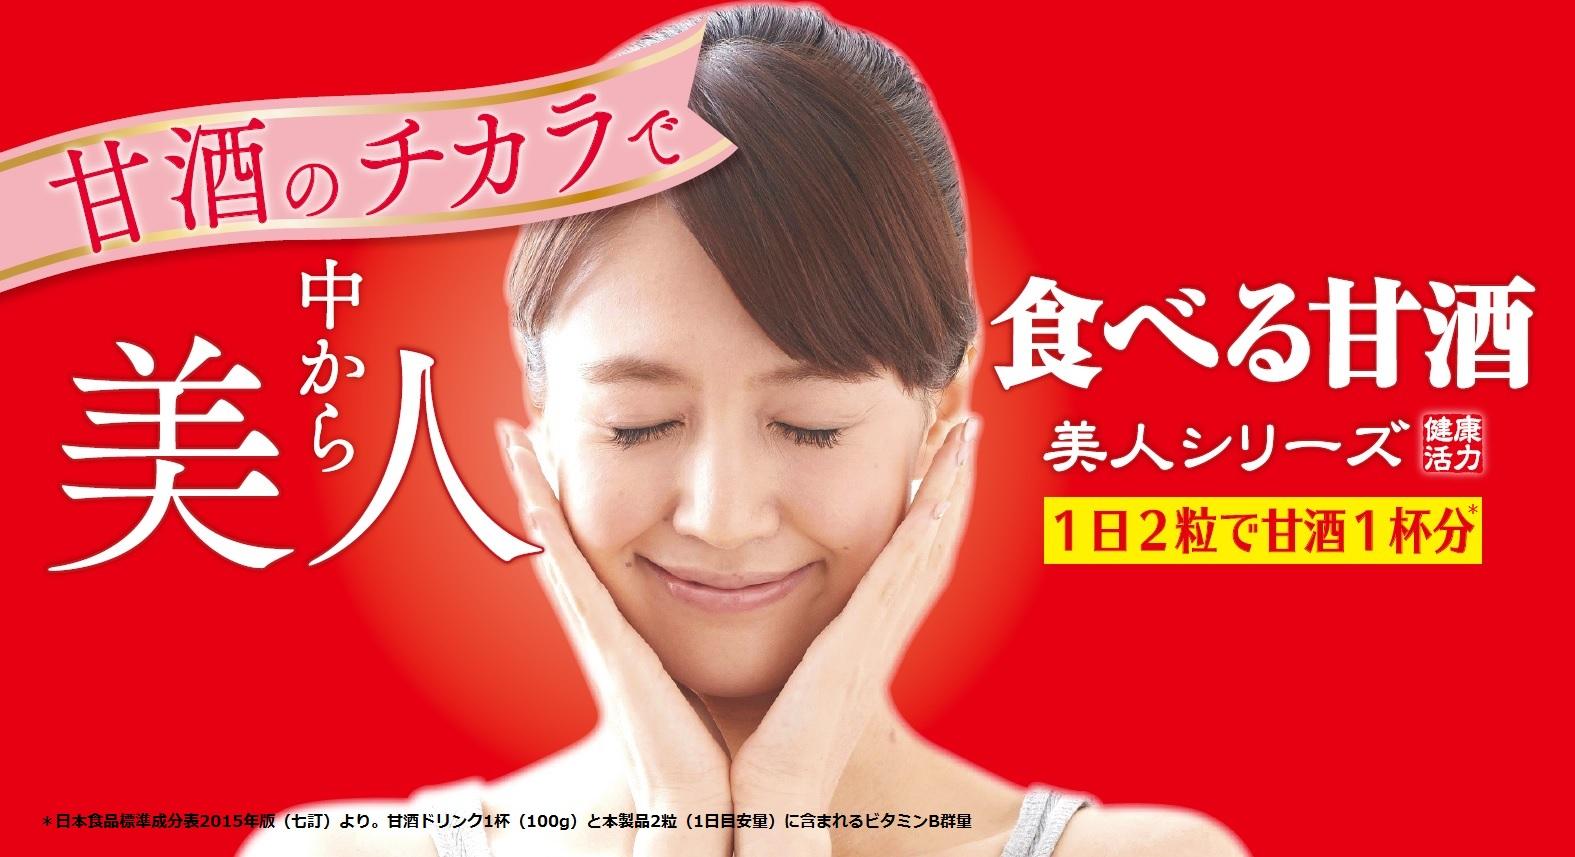 新製品『食べる甘酒シリーズ』販売開始のお知らせ